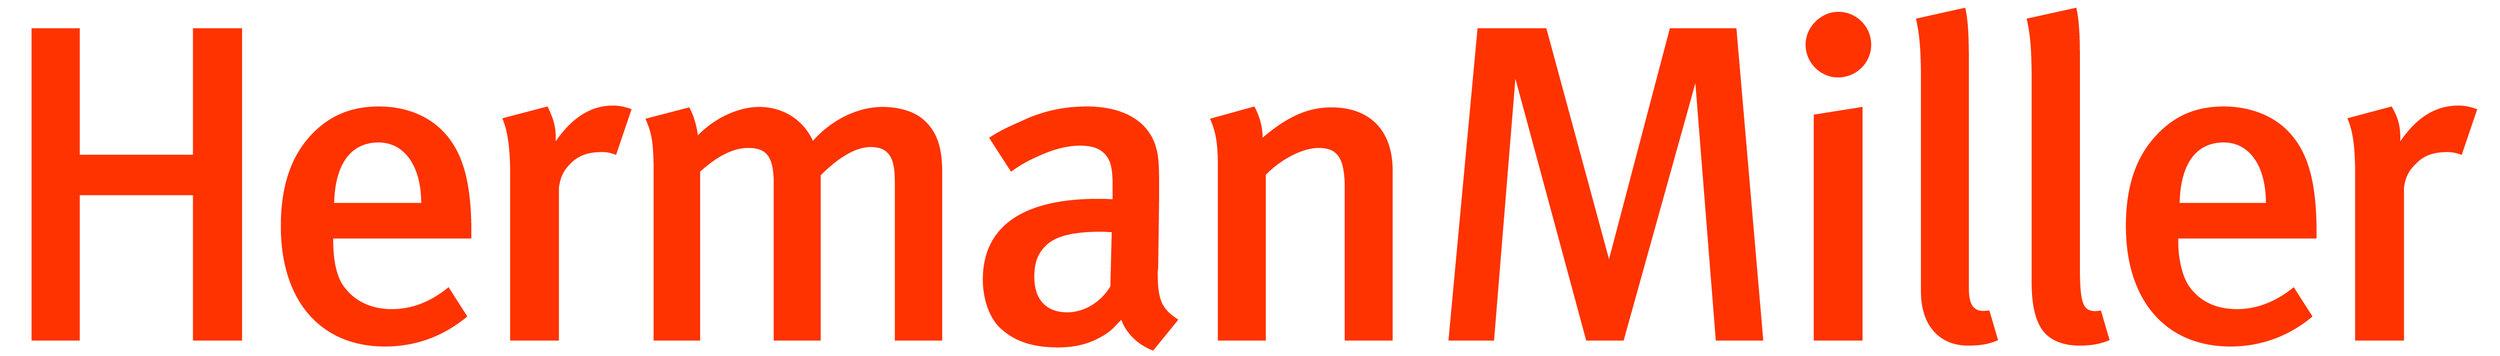 Herman Miller Logo.jpg